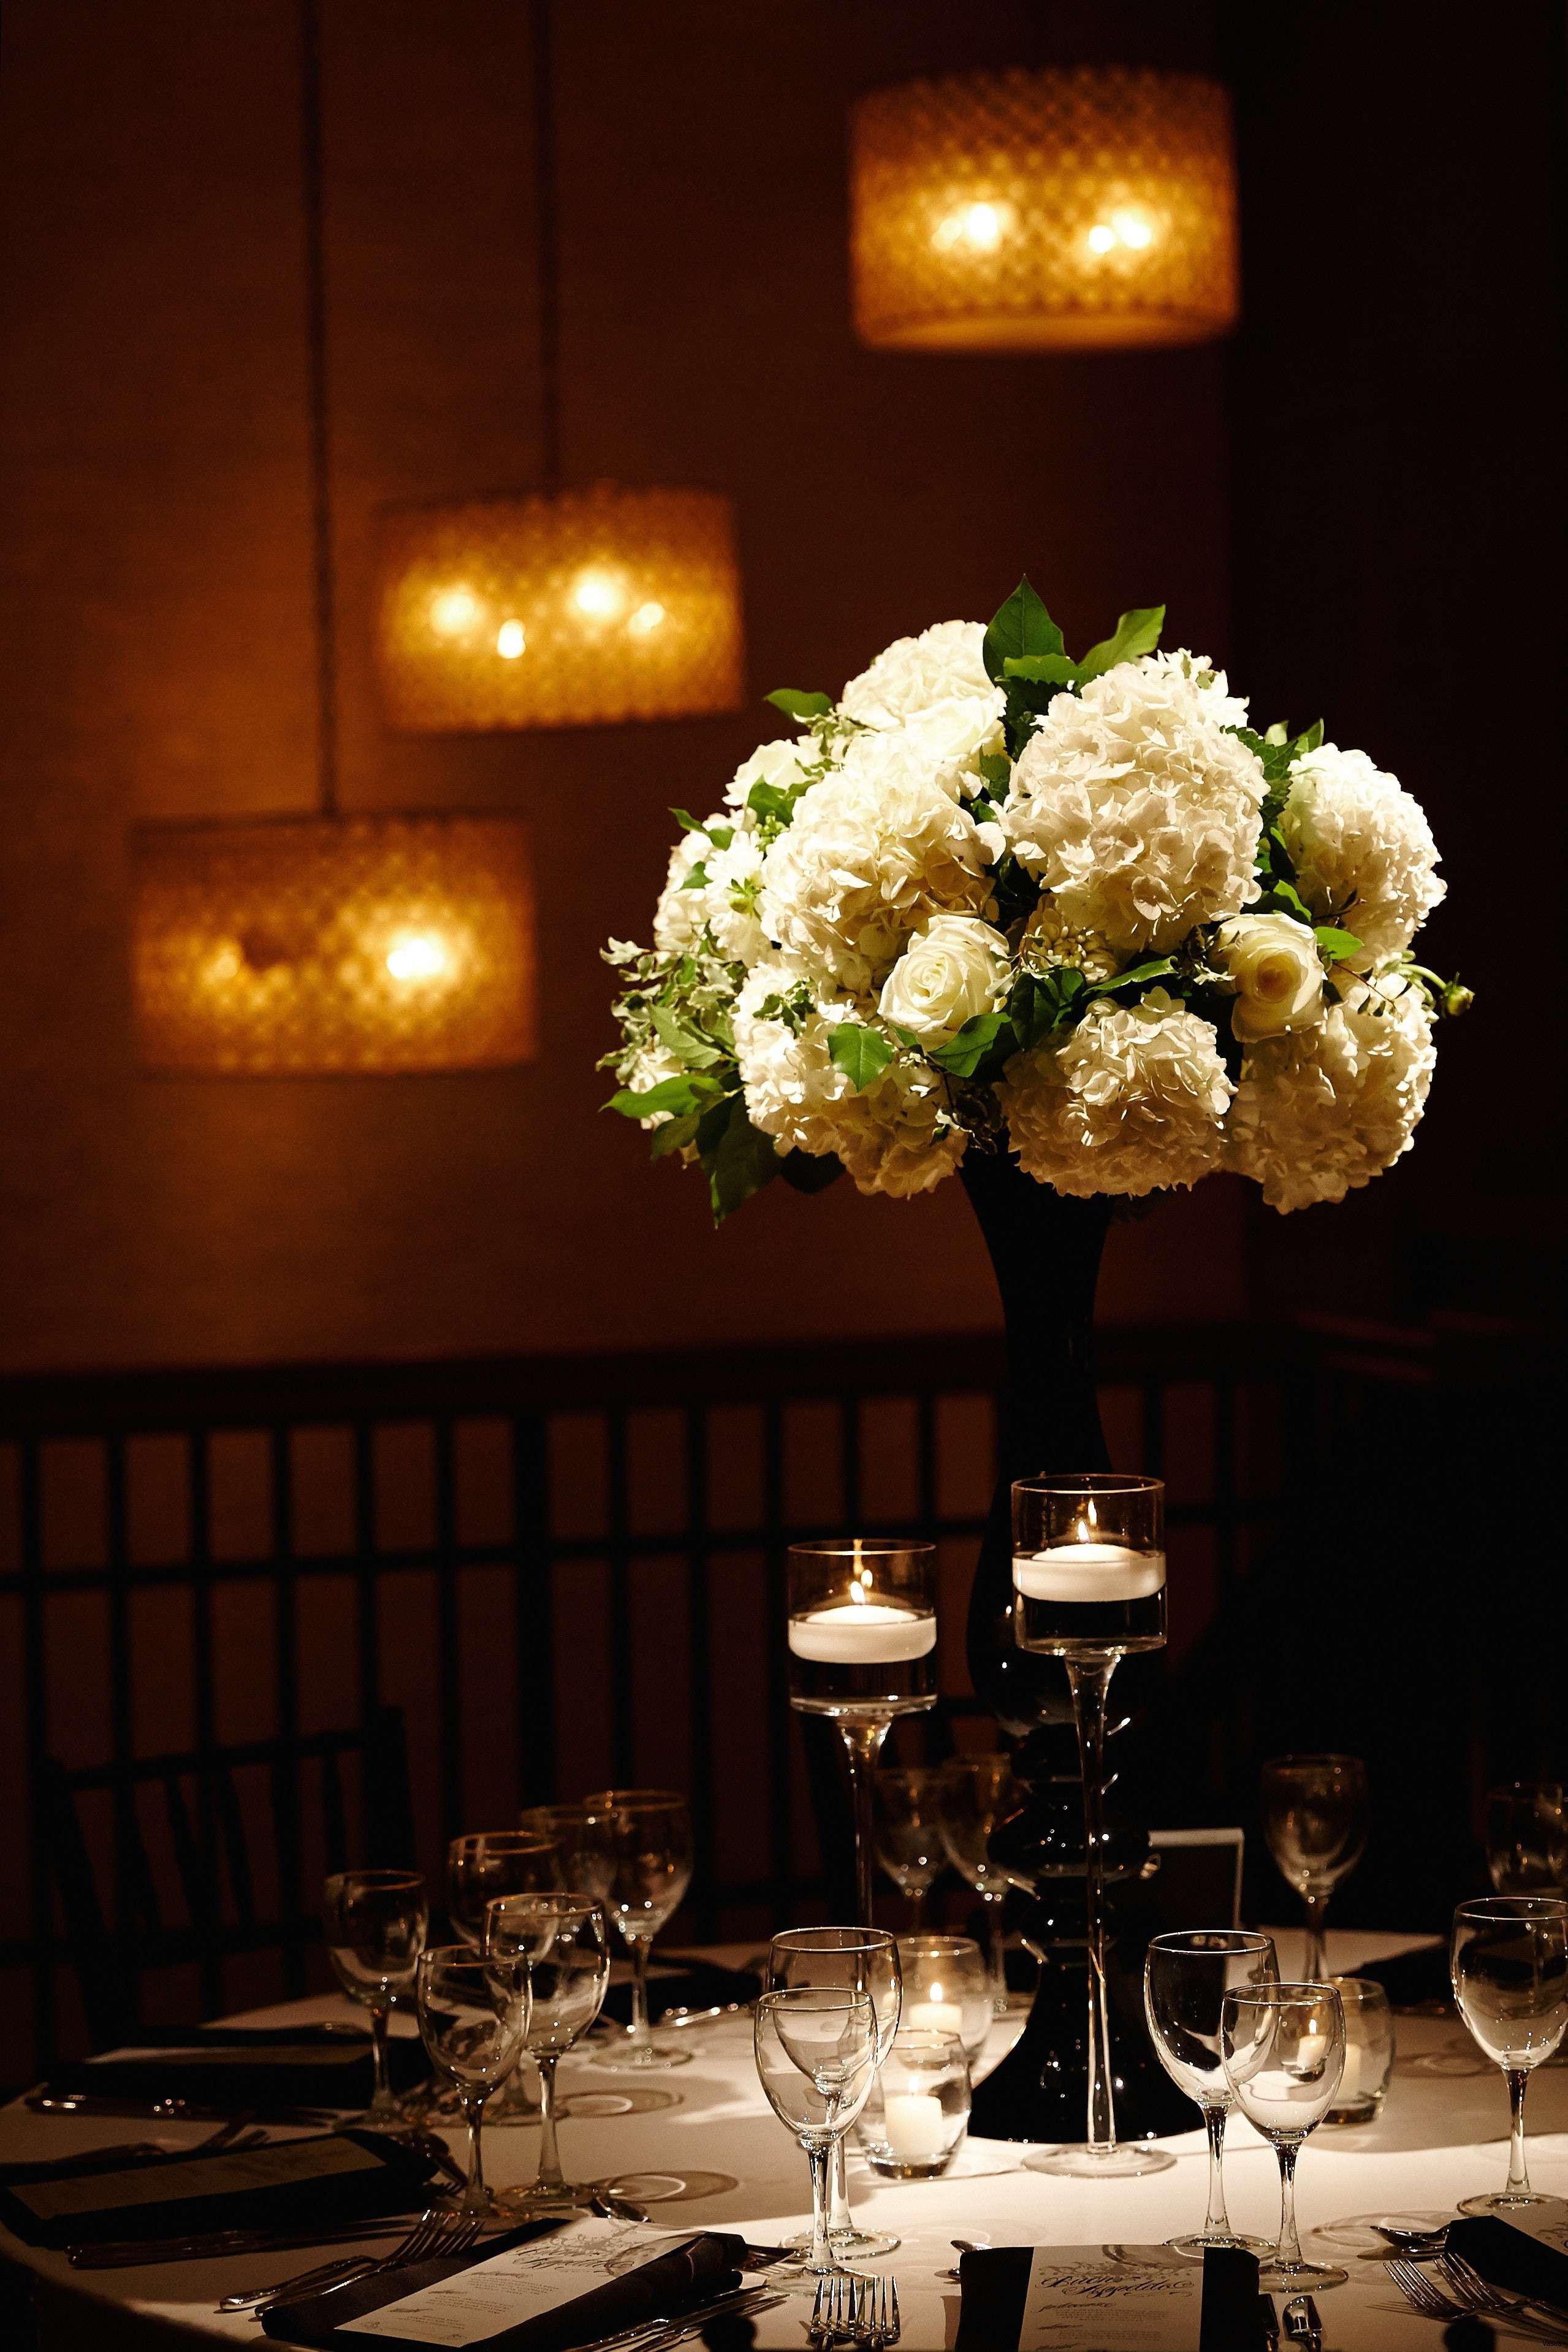 small plastic vases of 10 best of small white flower vase bogekompresorturkiye com within il fullxfull h vases black vase white flowers zoomi 0d with design design ideas vase